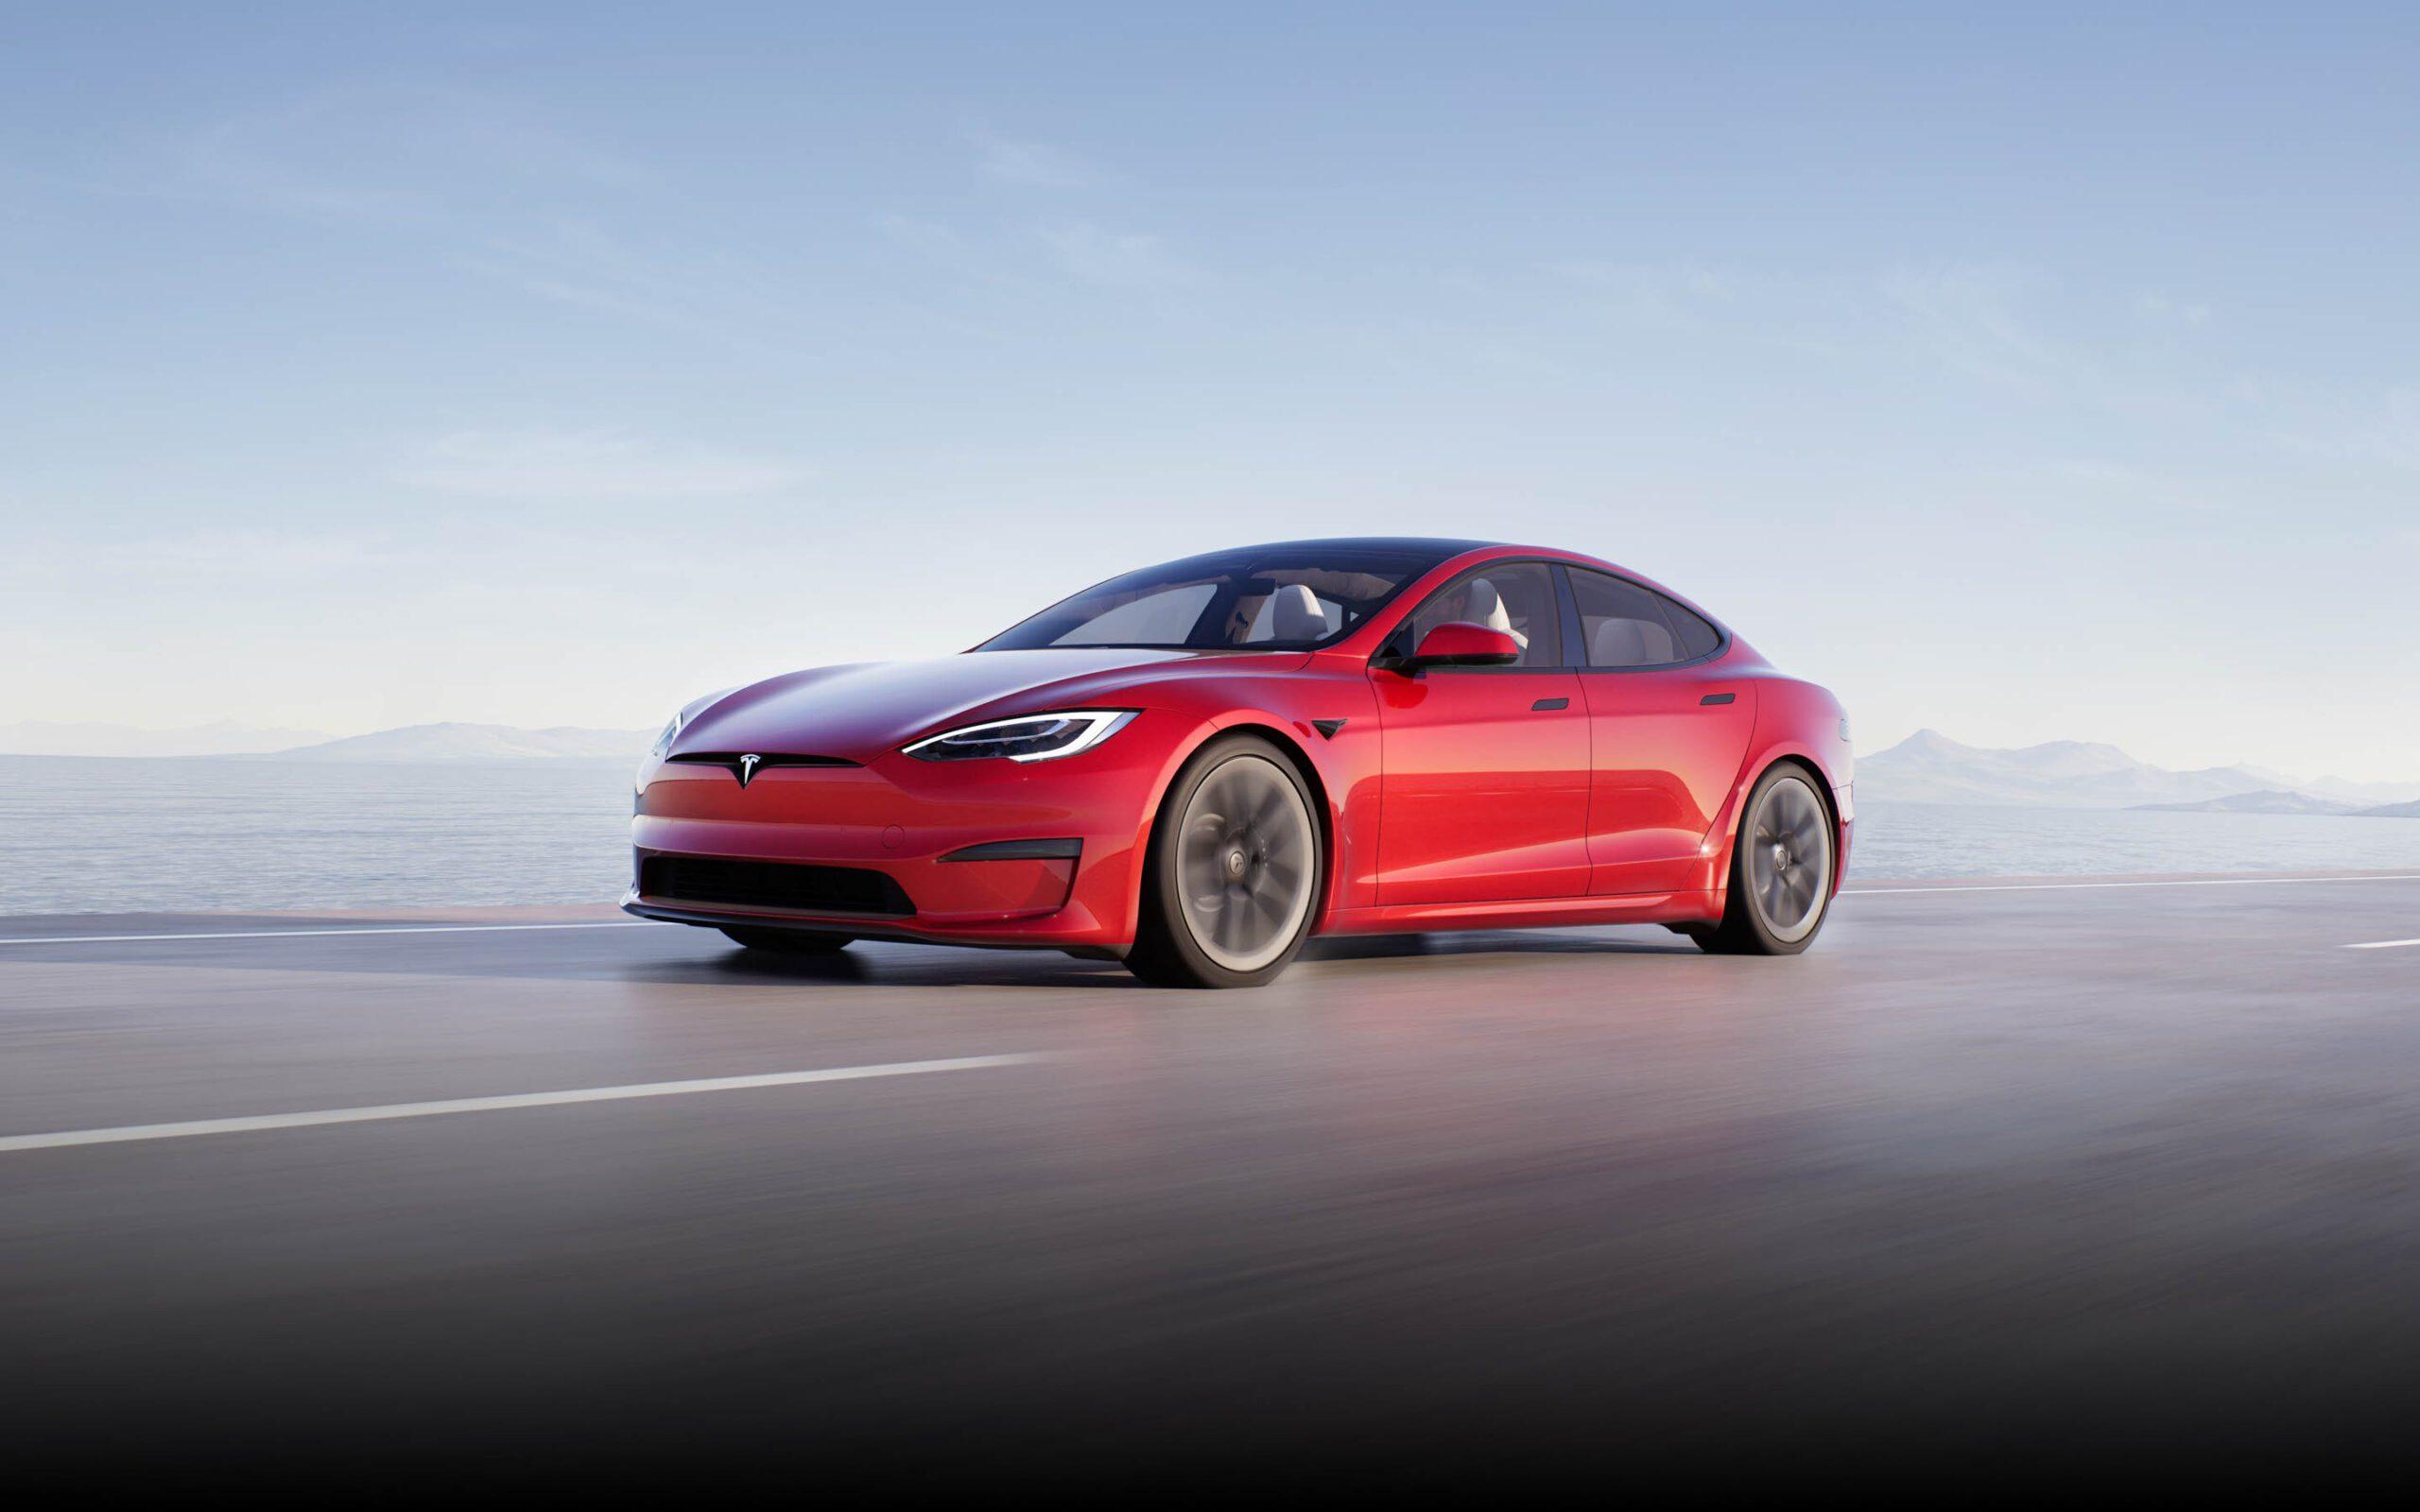 Tesla запускает пакет подписки Full Self-Driving стоимостью 199 долларов в месяц